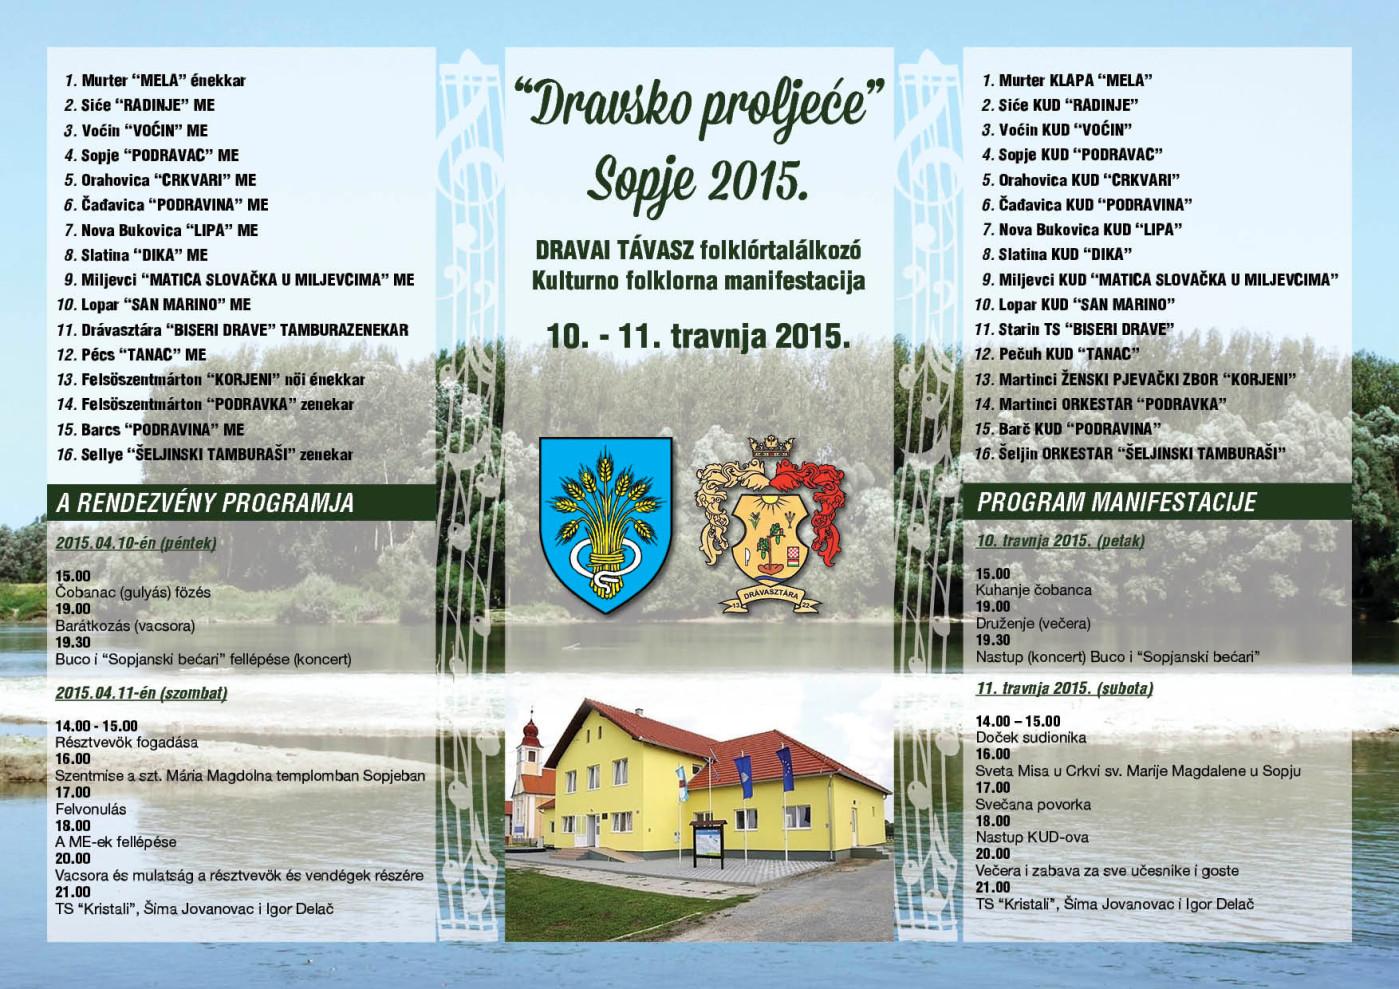 OPCINA SOPJE -Dravsko proljece pozivnica-smaller